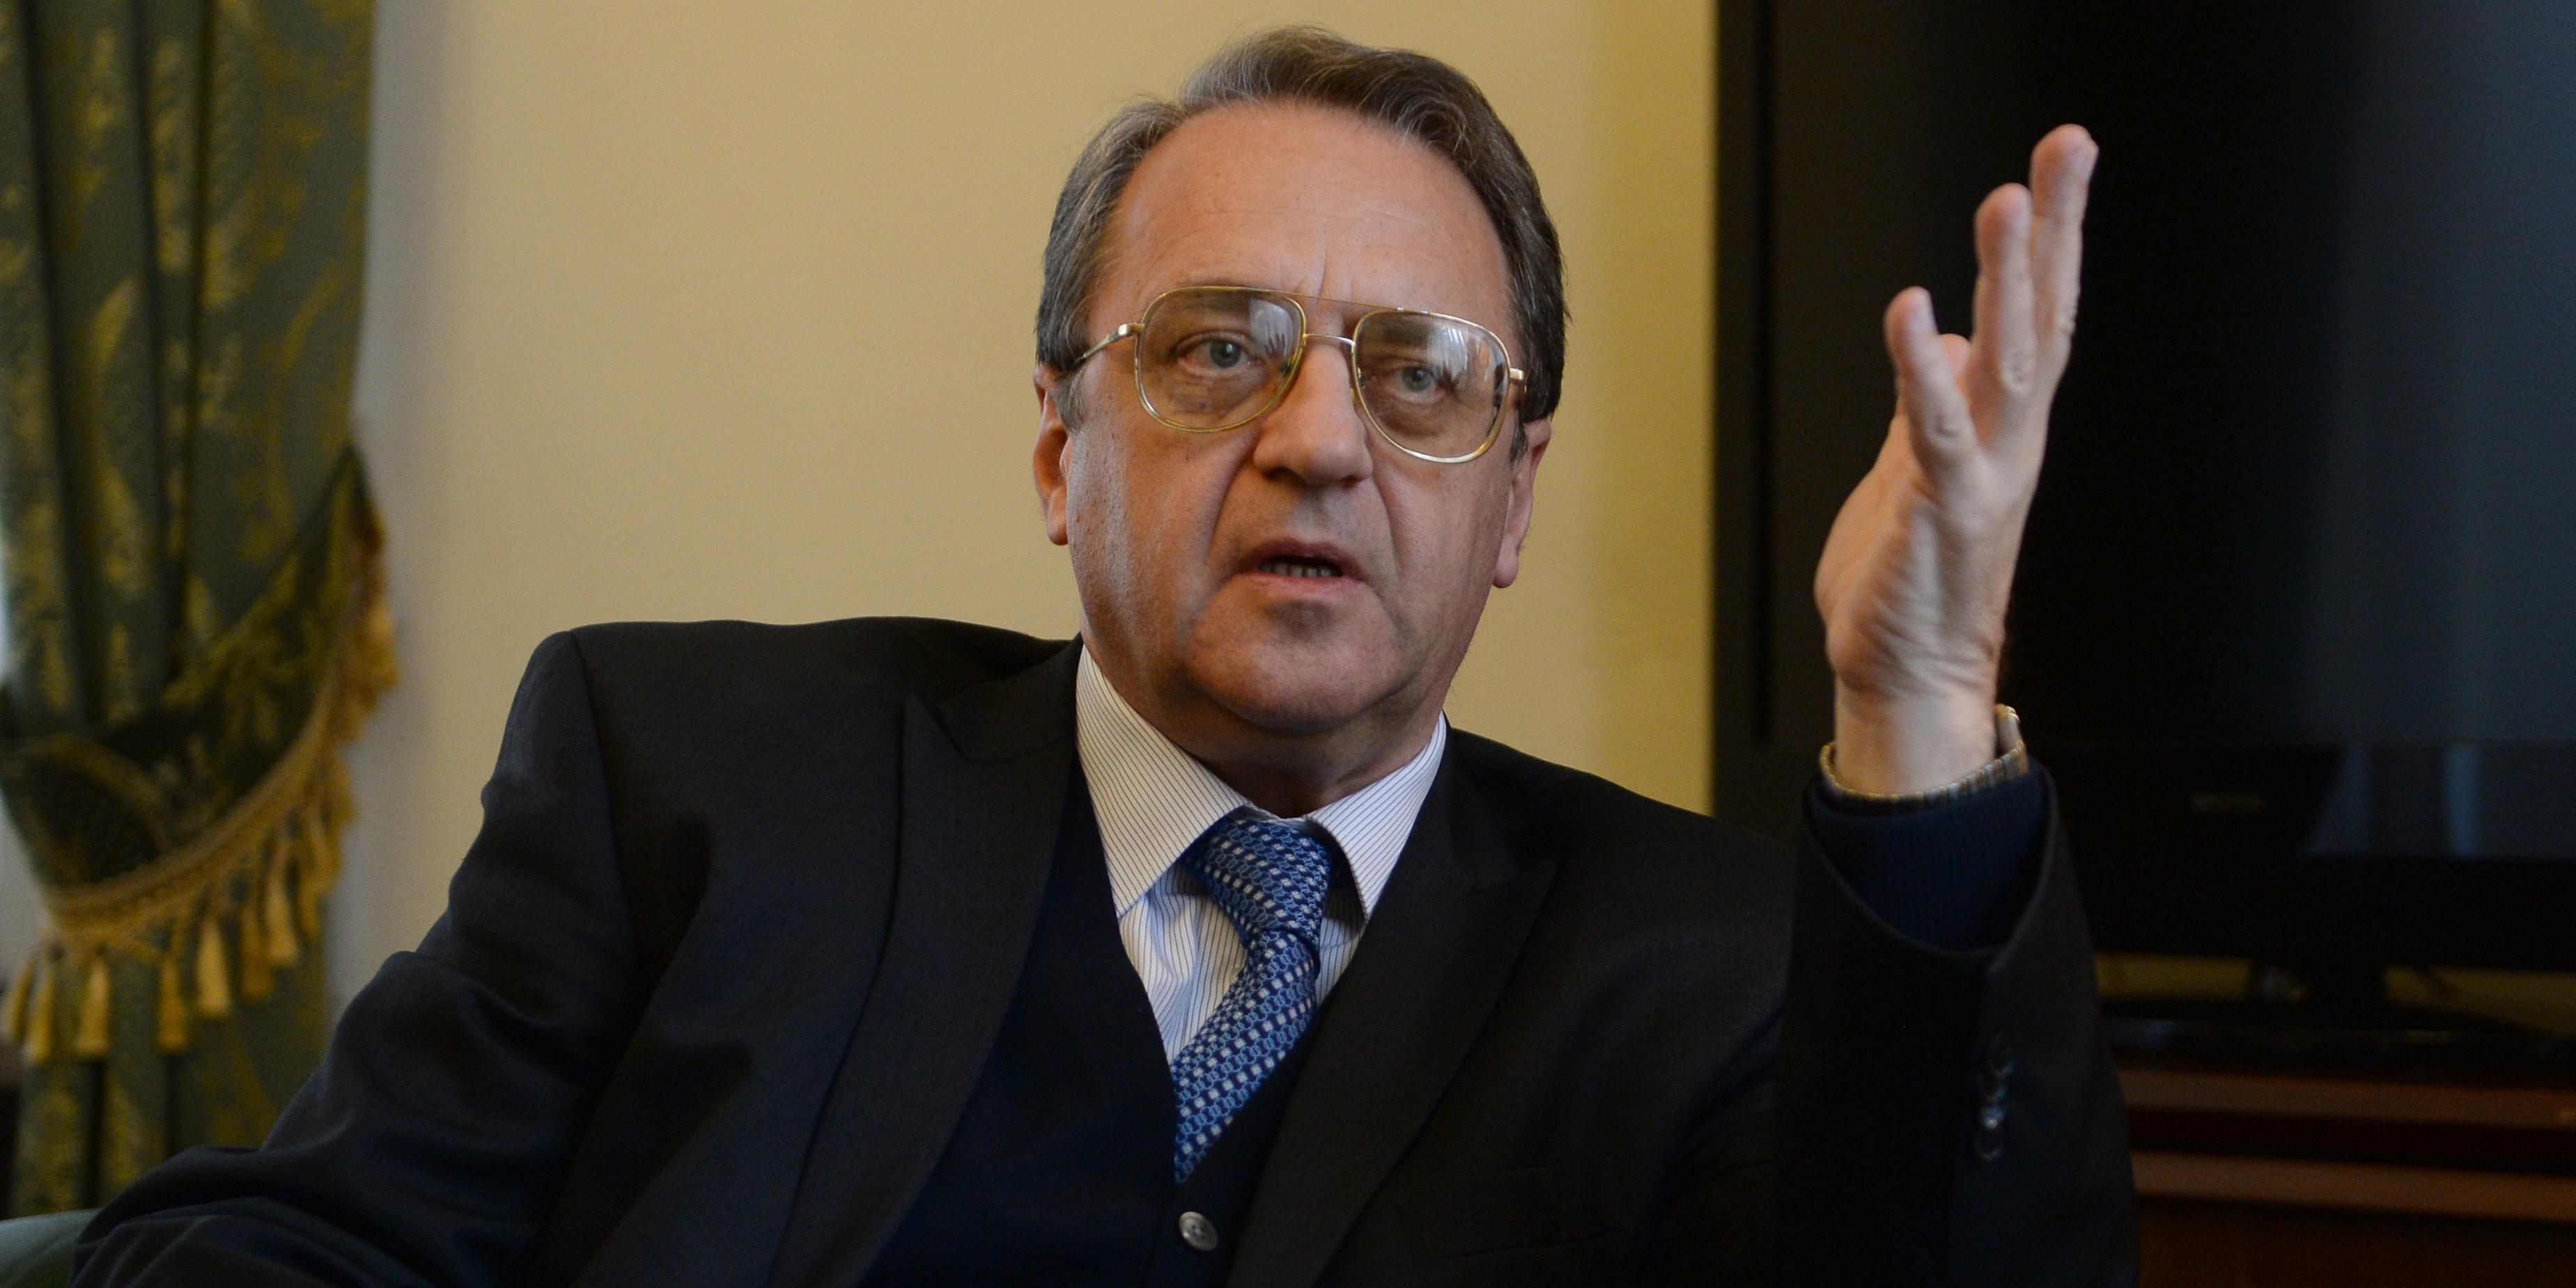 Rusya: Ankara'nın, Suriye görüşmelerine katılması öngörülmüyor